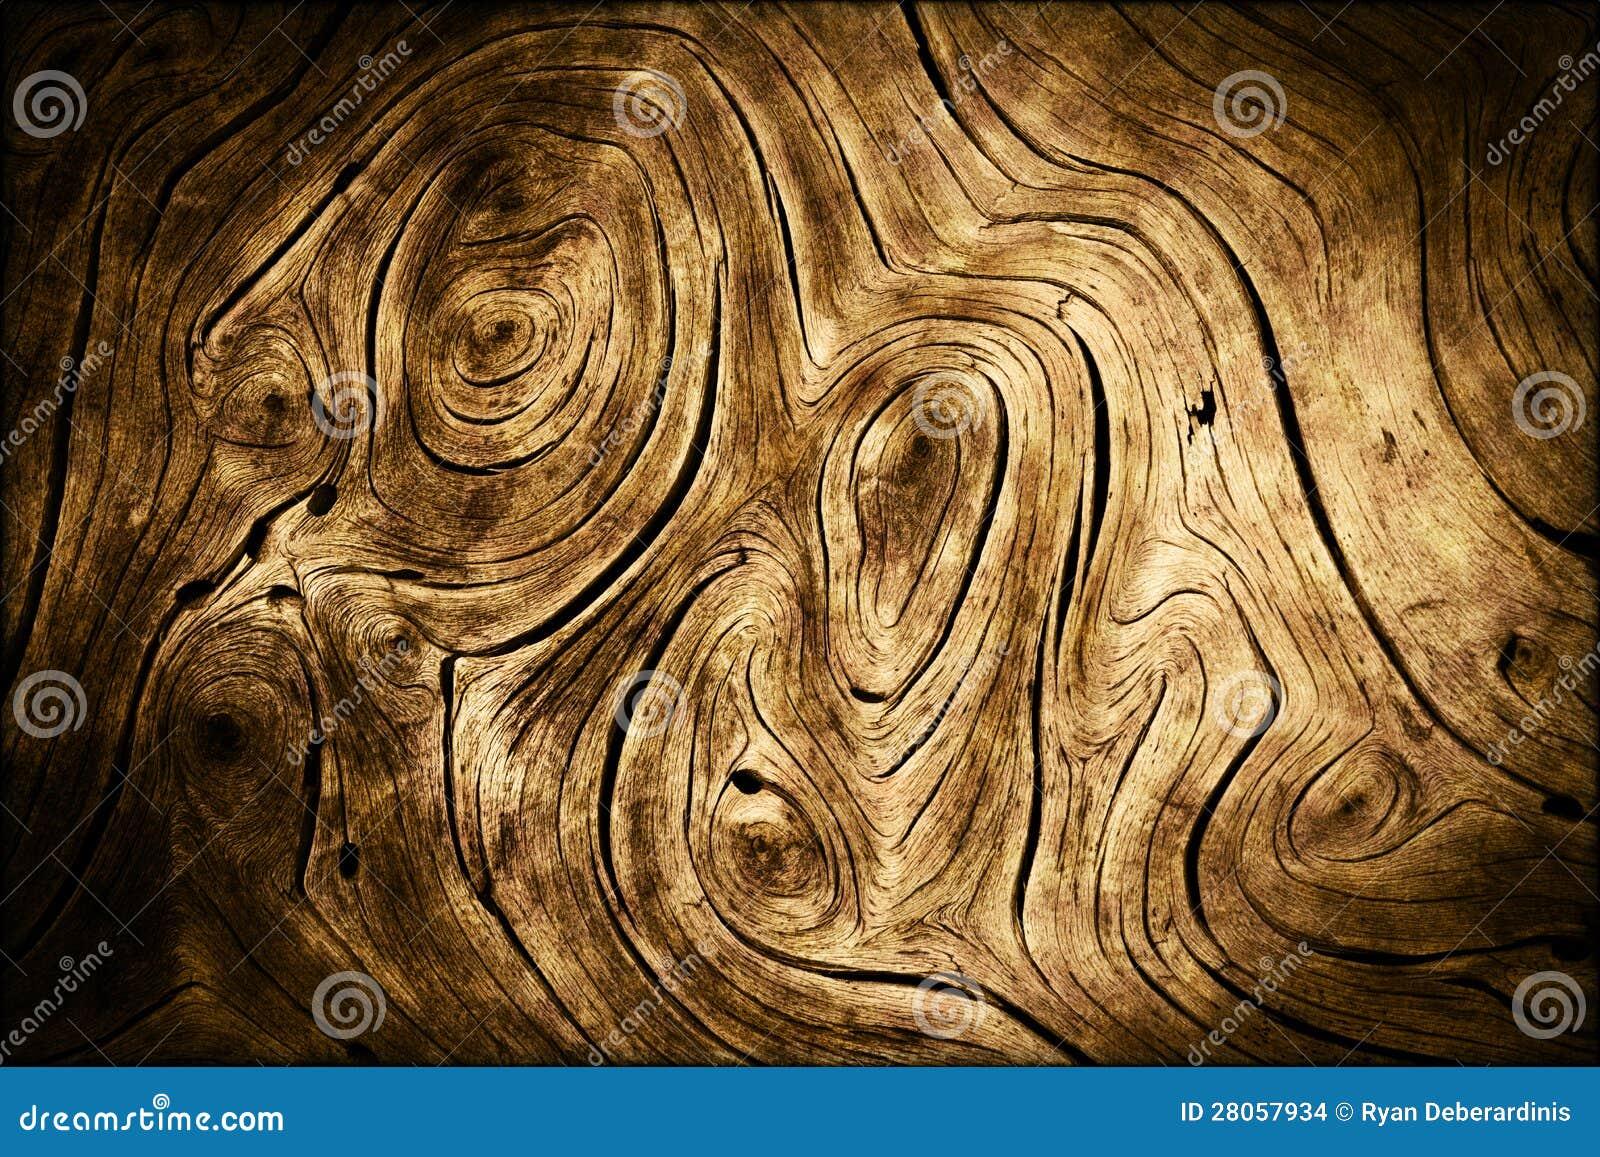 dunkles holz wirbelt organische hintergrund beschaffenheit stockbilder bild 28057934. Black Bedroom Furniture Sets. Home Design Ideas